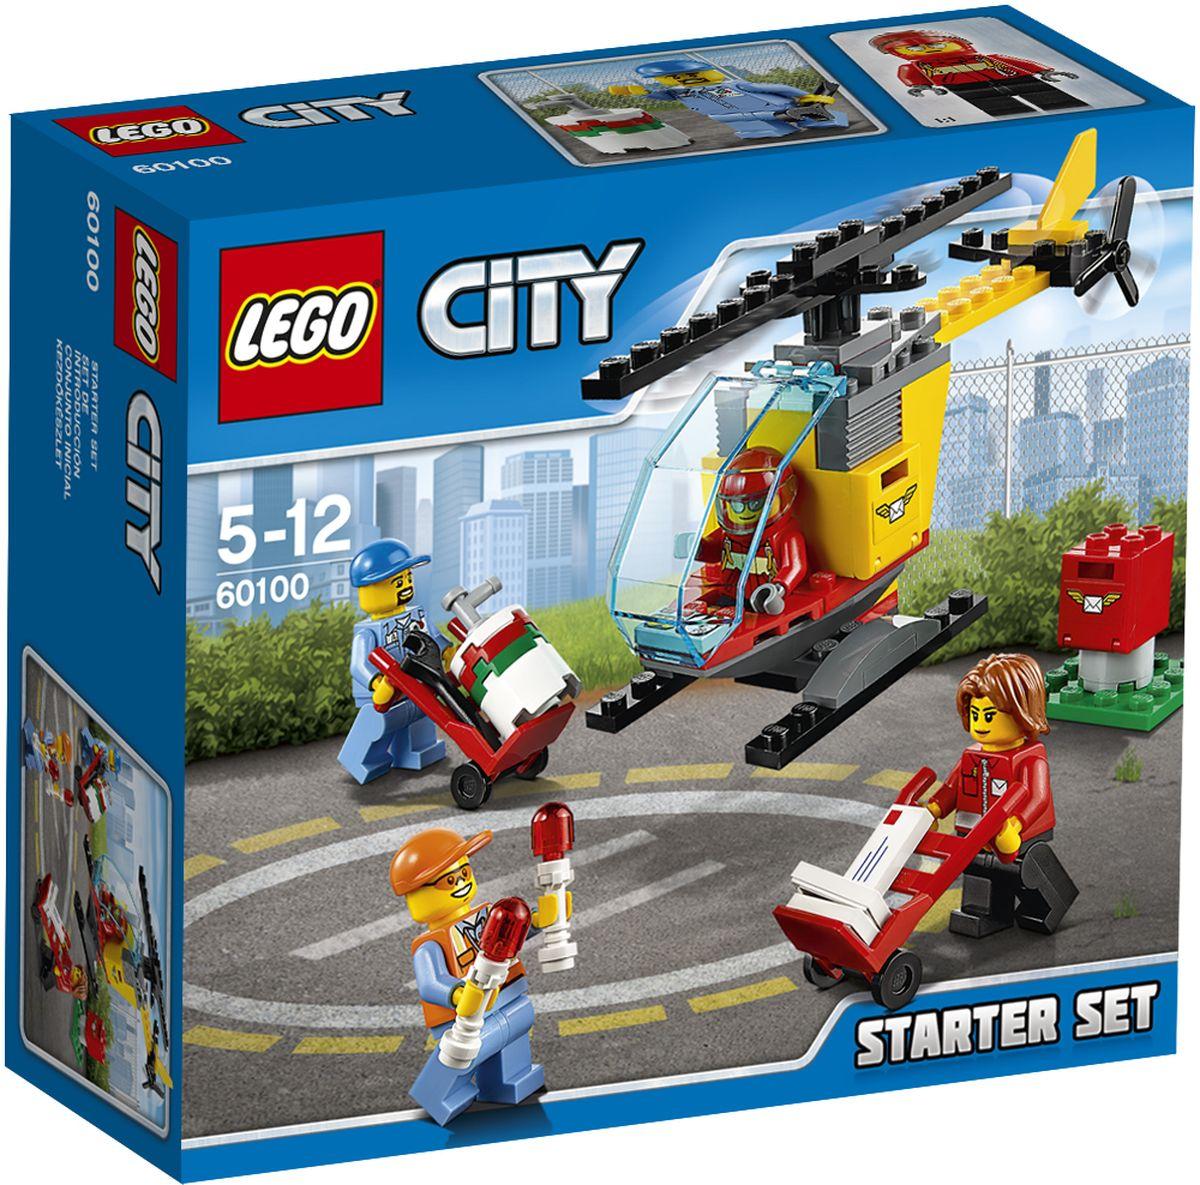 LEGO City Конструктор Аэропорт Стартовый набор 6010060100Станьте частью команды, выполняющей очень важную работу! Помогите работникам почты разгрузить почтовые ящики и отправить почту на вертолете. Загрузите контейнеры на борт, а затем помогите пилоту попасть в кабину. Заполните бак топливом из бочки и поместите вертолет на взлетно-посадочную полосу с направляющими огнями. Организуйте успешную доставку почты в Lego City! Набор включает в себя 81 элемент. Конструктор - это один из самых увлекательных и веселых способов времяпрепровождения. Ребенок сможет часами играть с конструктором, придумывая различные ситуации и истории.